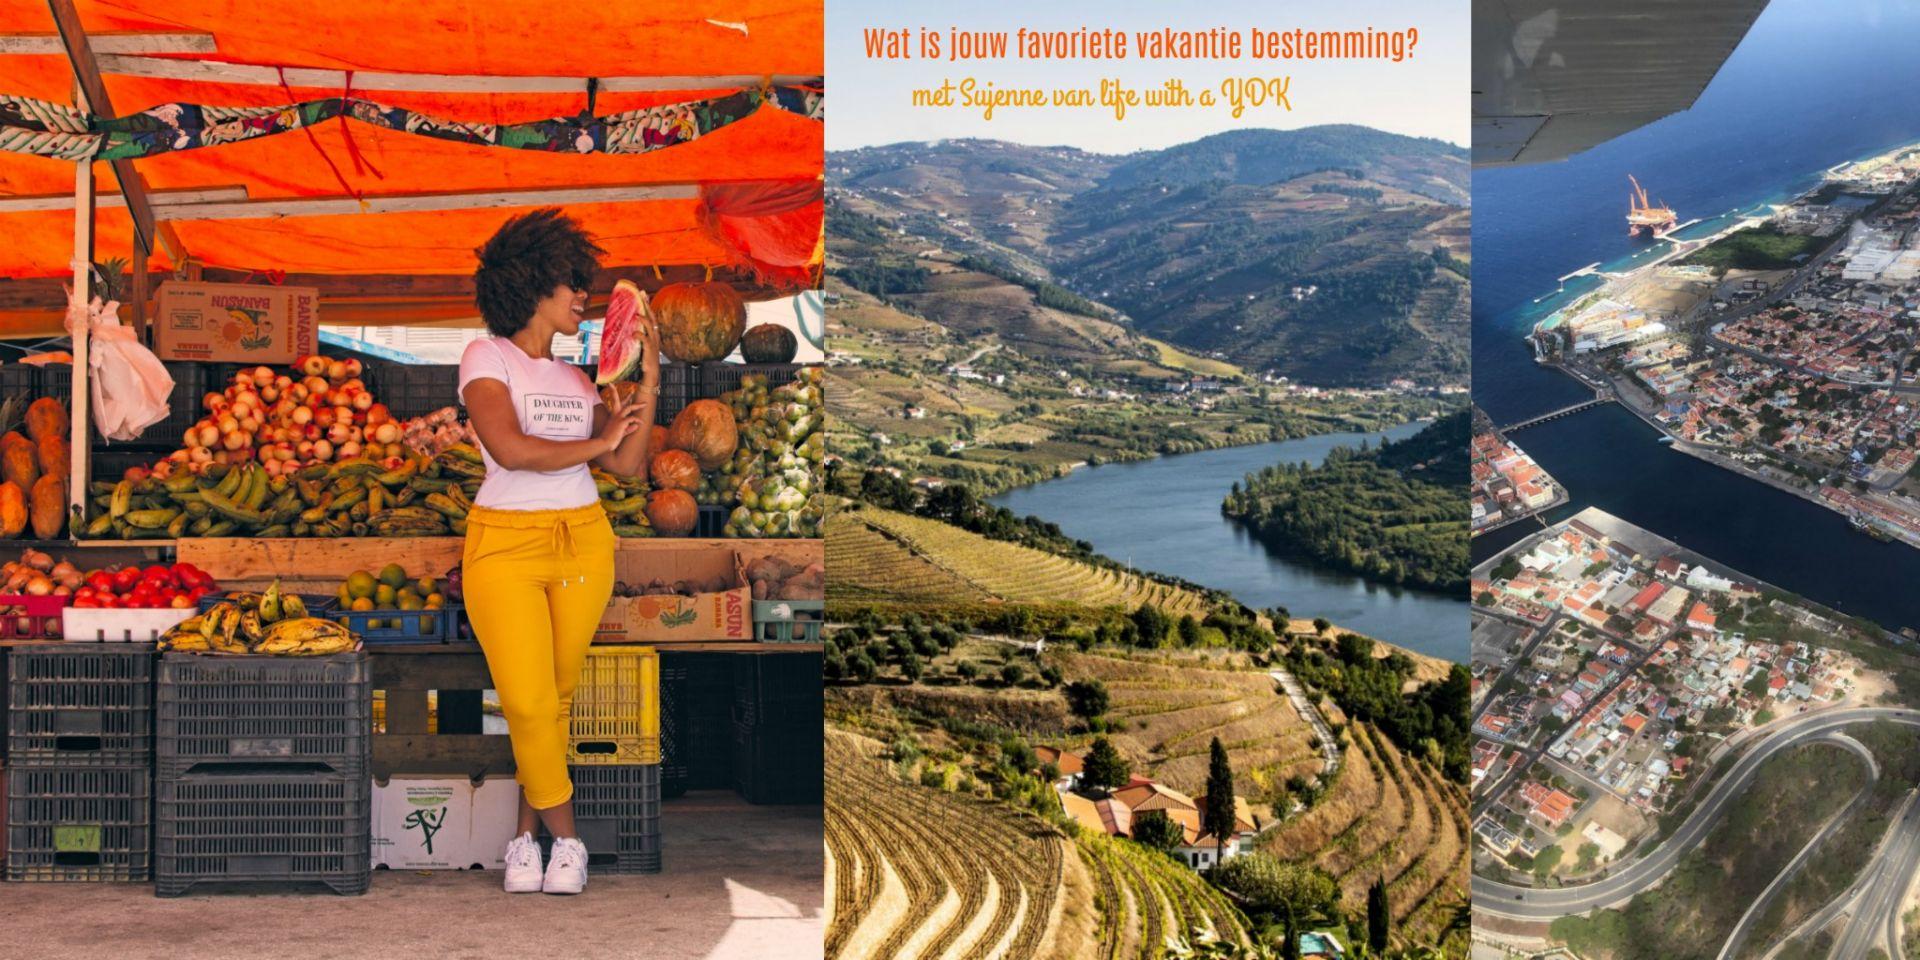 Wat is jouw favoriete vakantie bestemming? met Sujenne van lifewithaydk